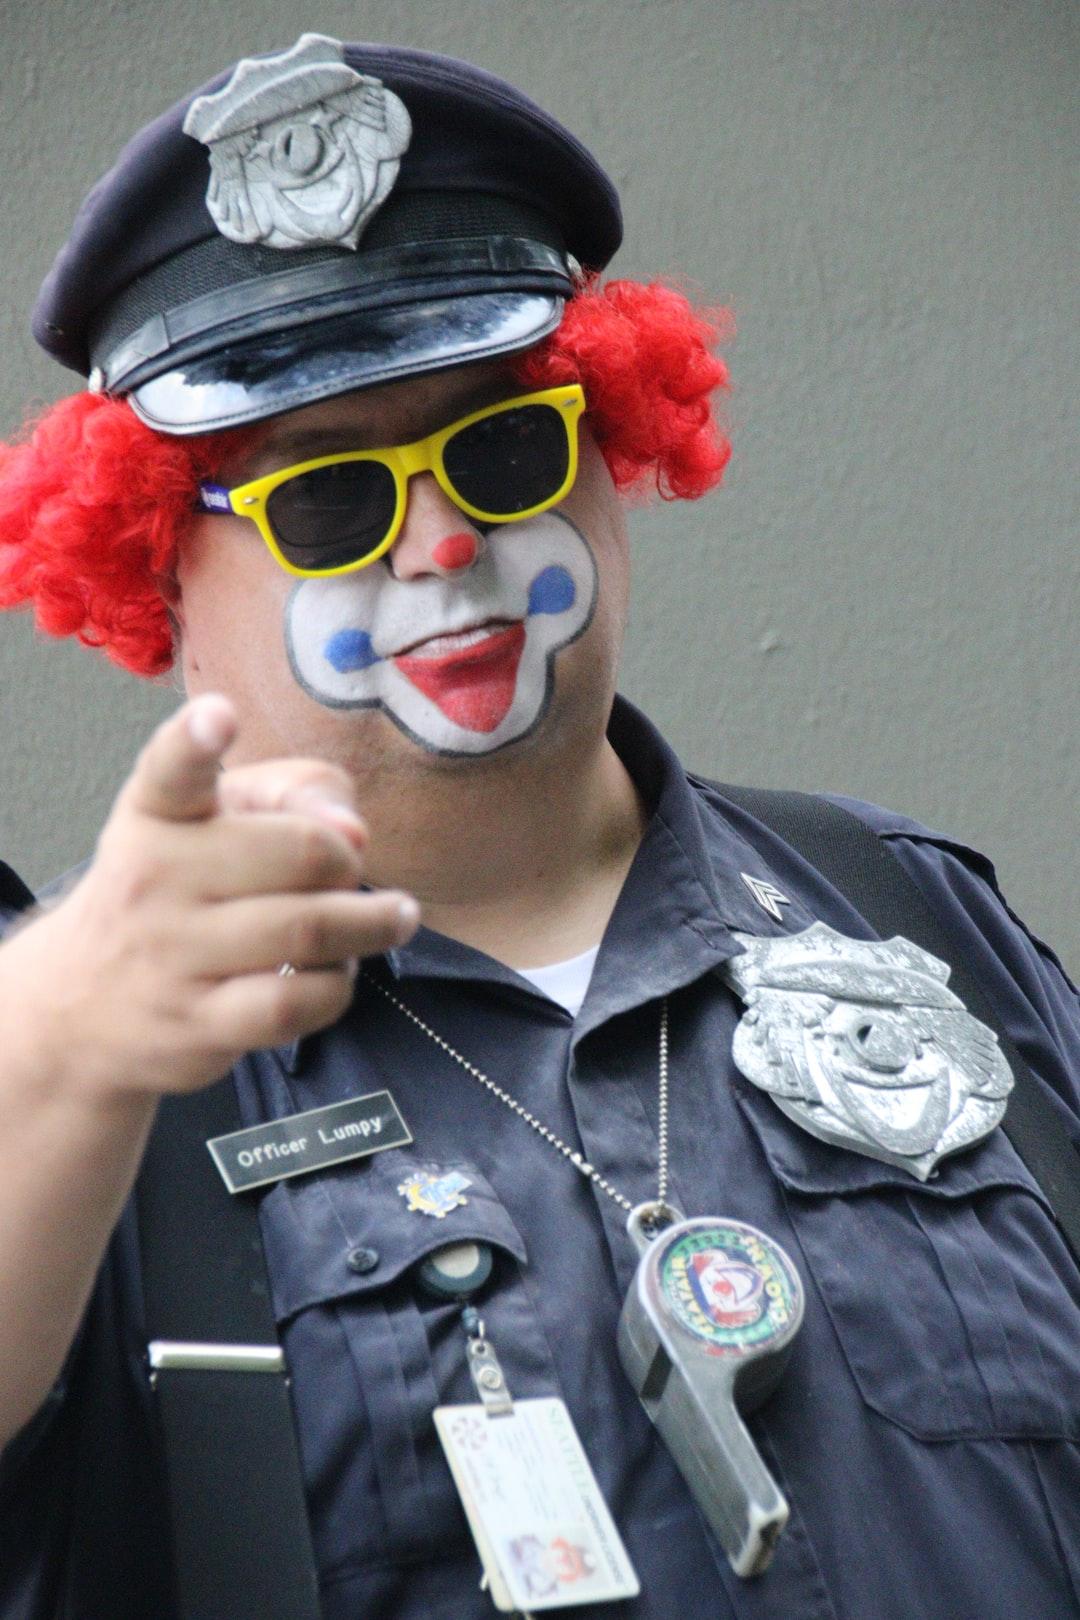 Under arrest - no joke